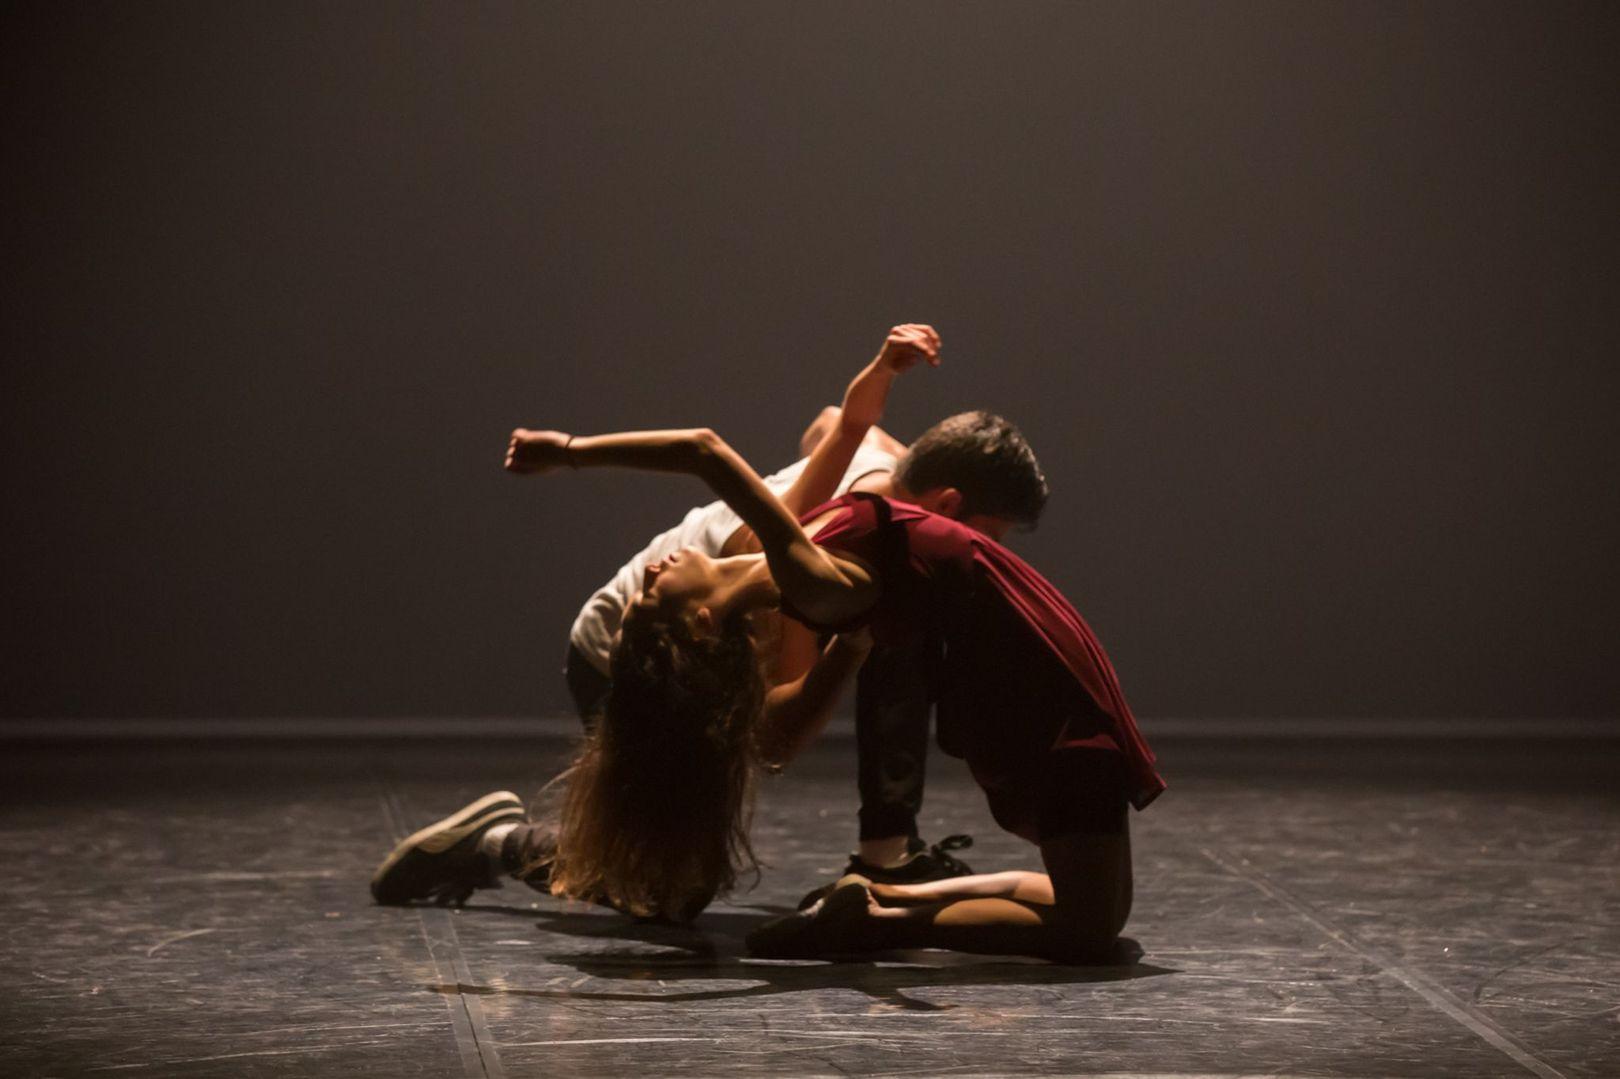 activit s tempsdanse 65 la danse comme expression universelle. Black Bedroom Furniture Sets. Home Design Ideas